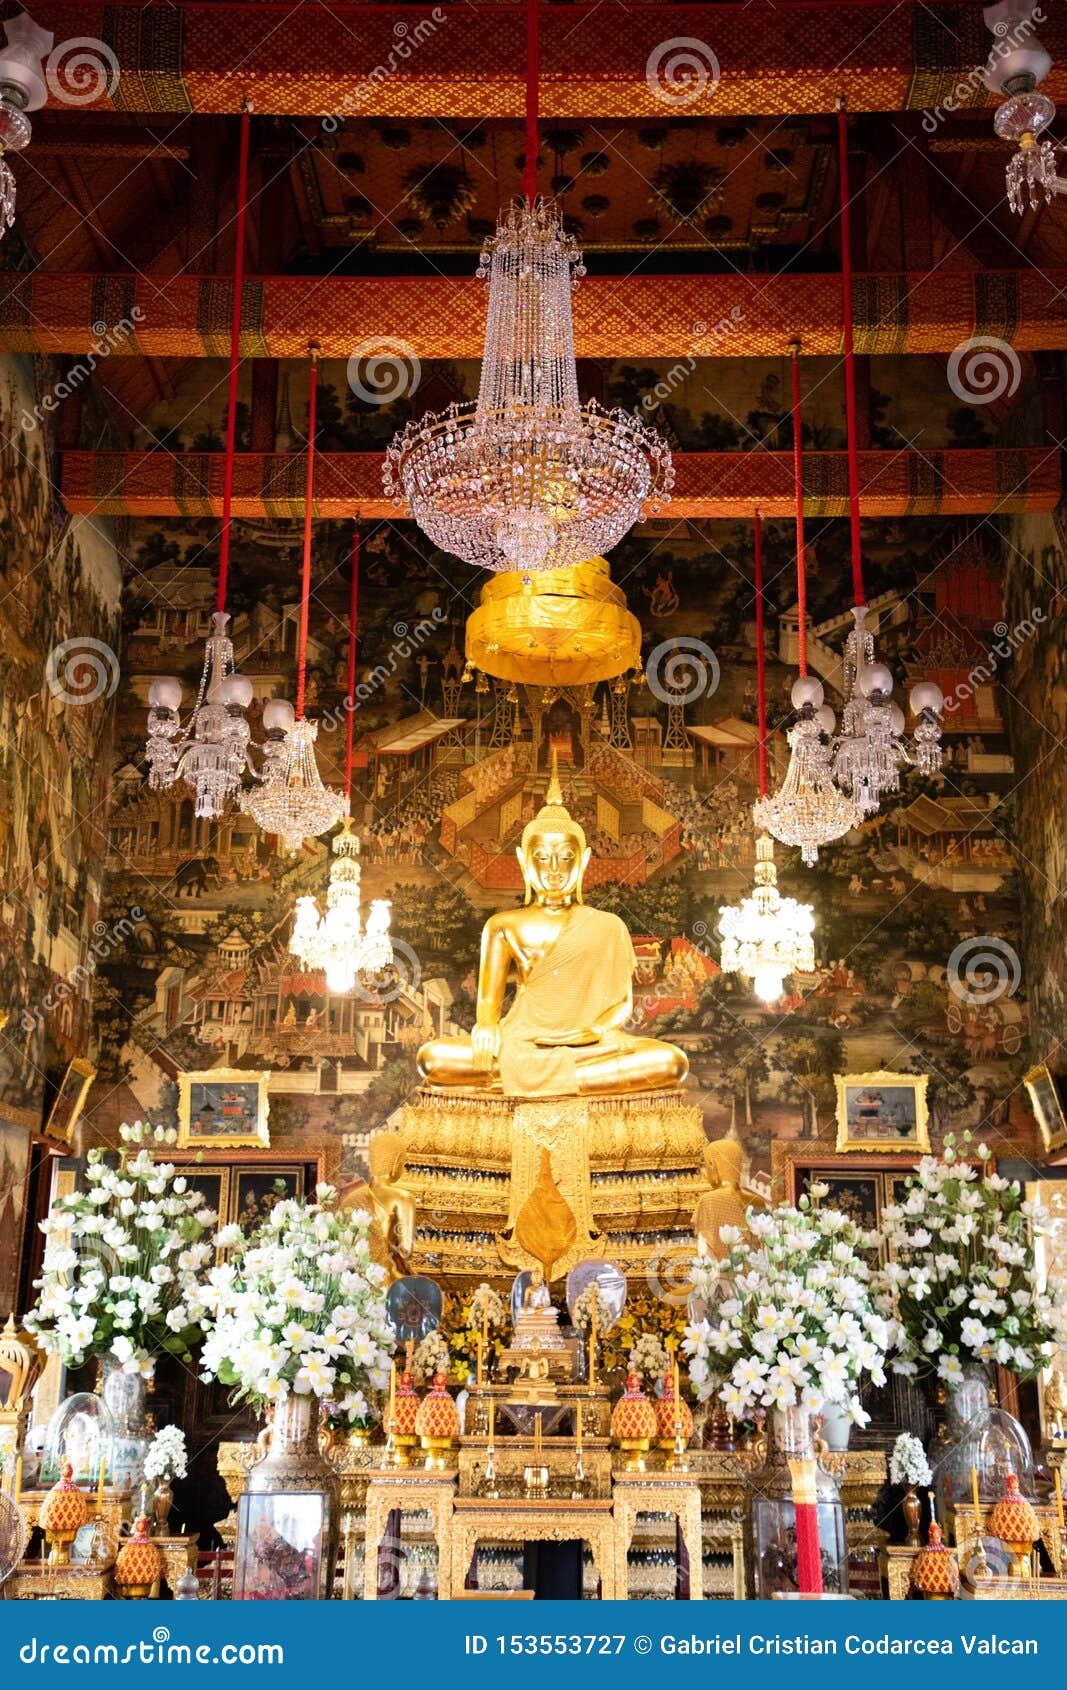 20. November 2018 - Bangkok THAILAND - großer goldener Buddha umgeben durch weiße Orchideen im thailändischen Tempel